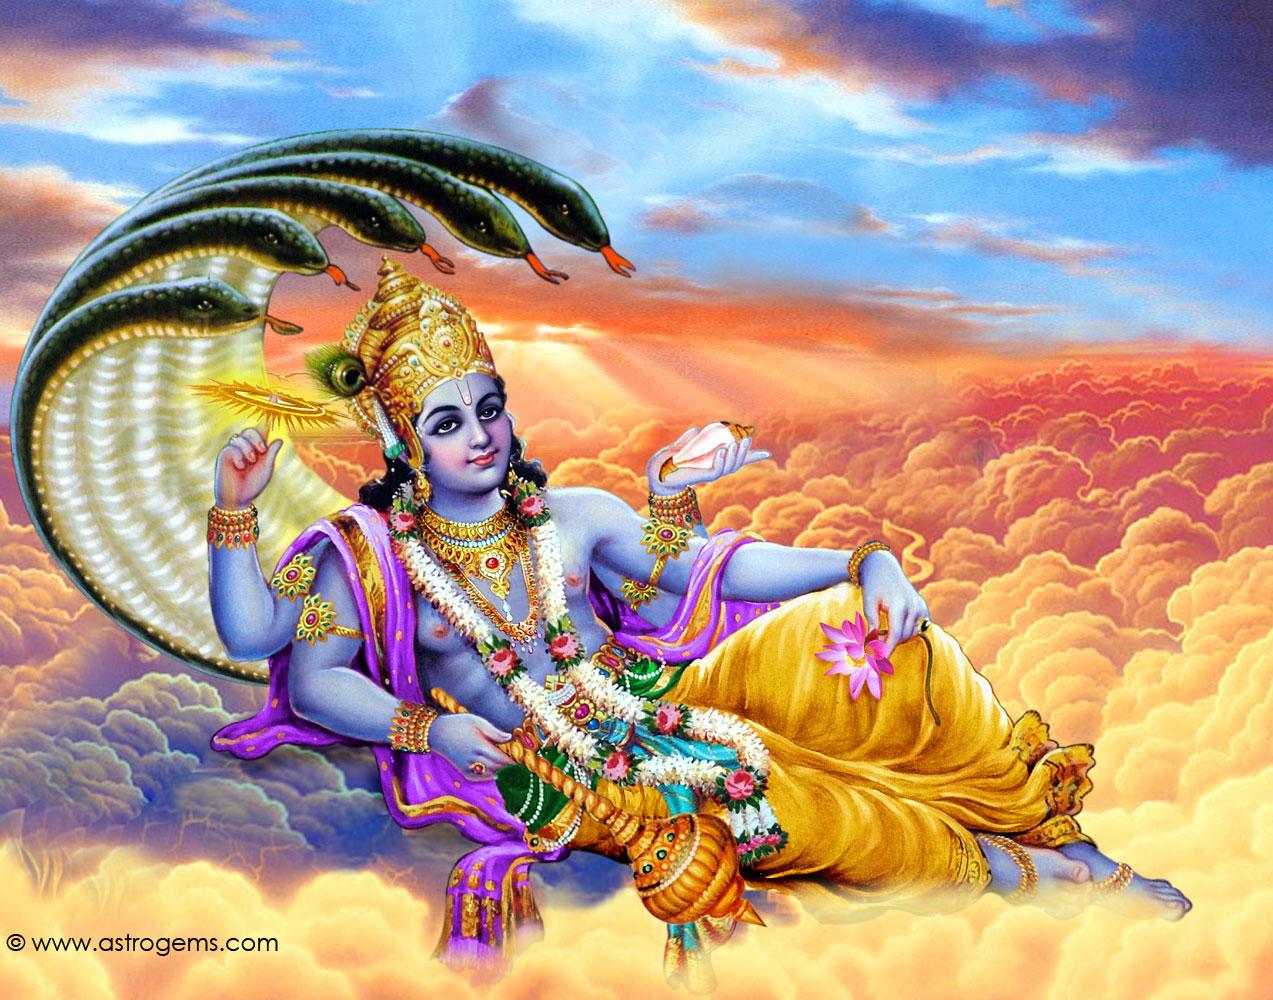 Lord Vishnu Wallpaper. Vishnu Wallpaper